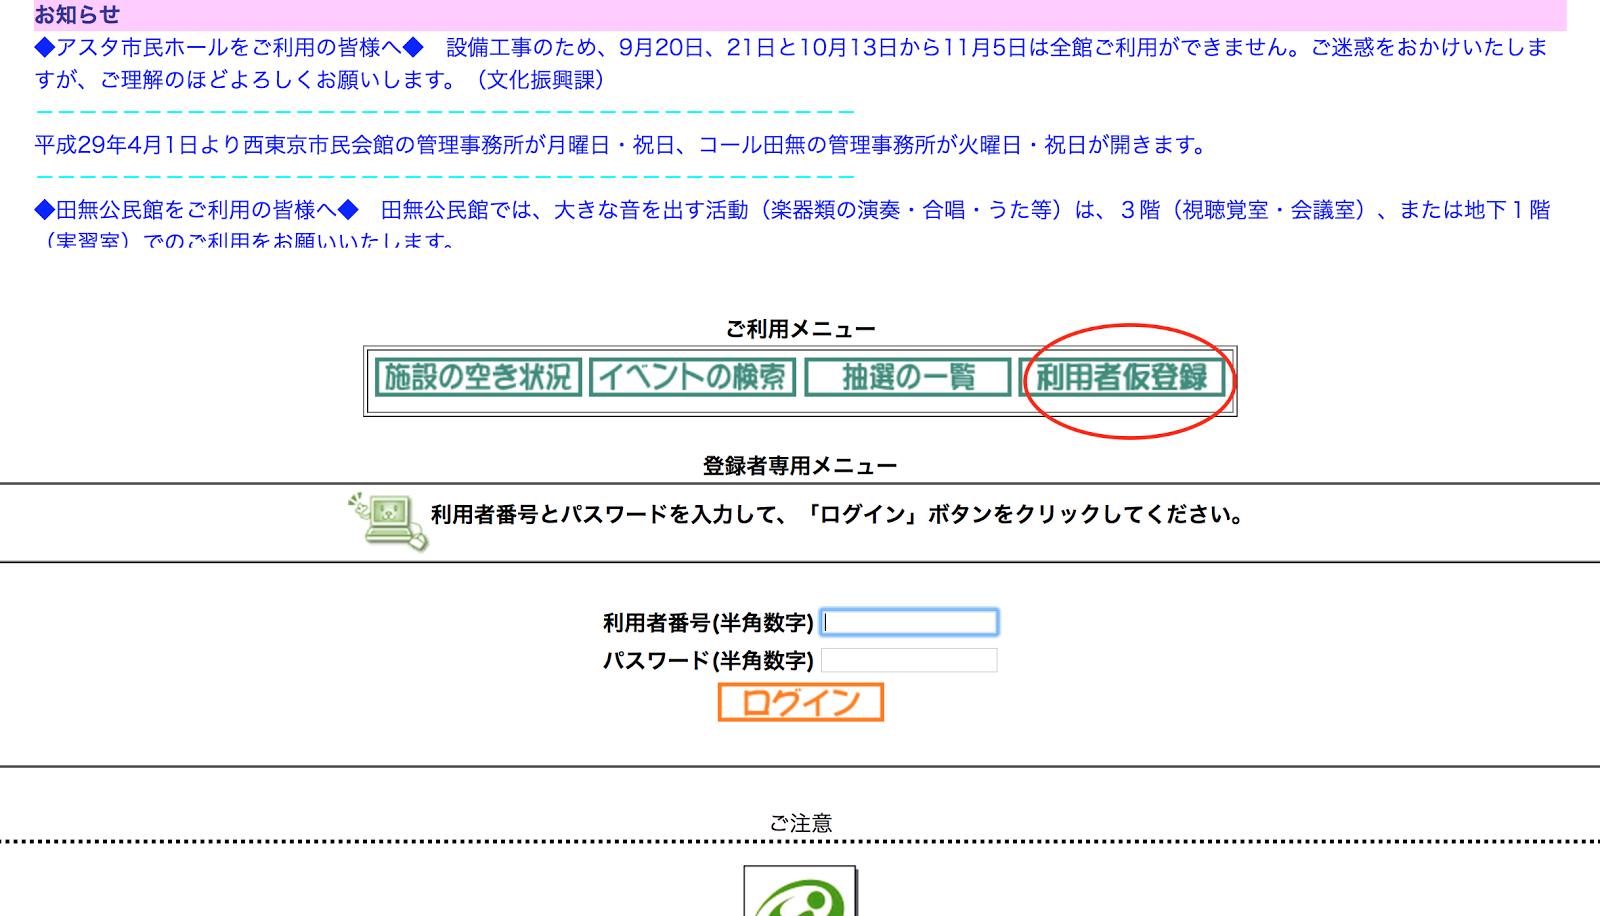 西東京市 利用者仮登録